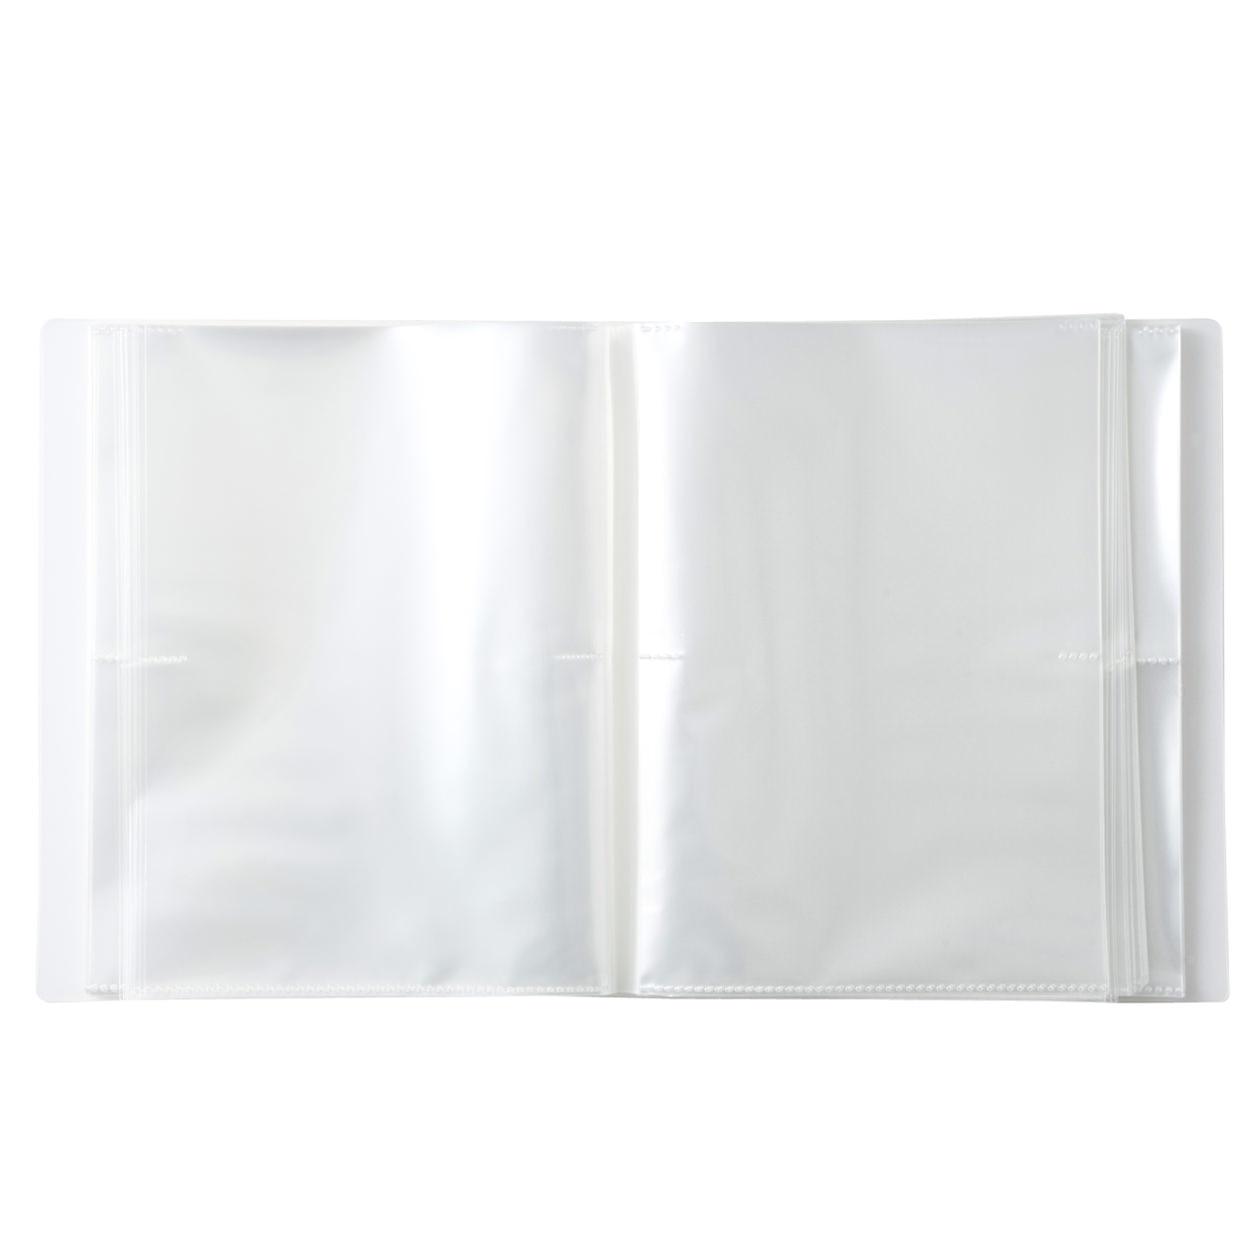 聚丙烯照片.明信片夾/2層.5x7尺寸.264袋 | 無印良品